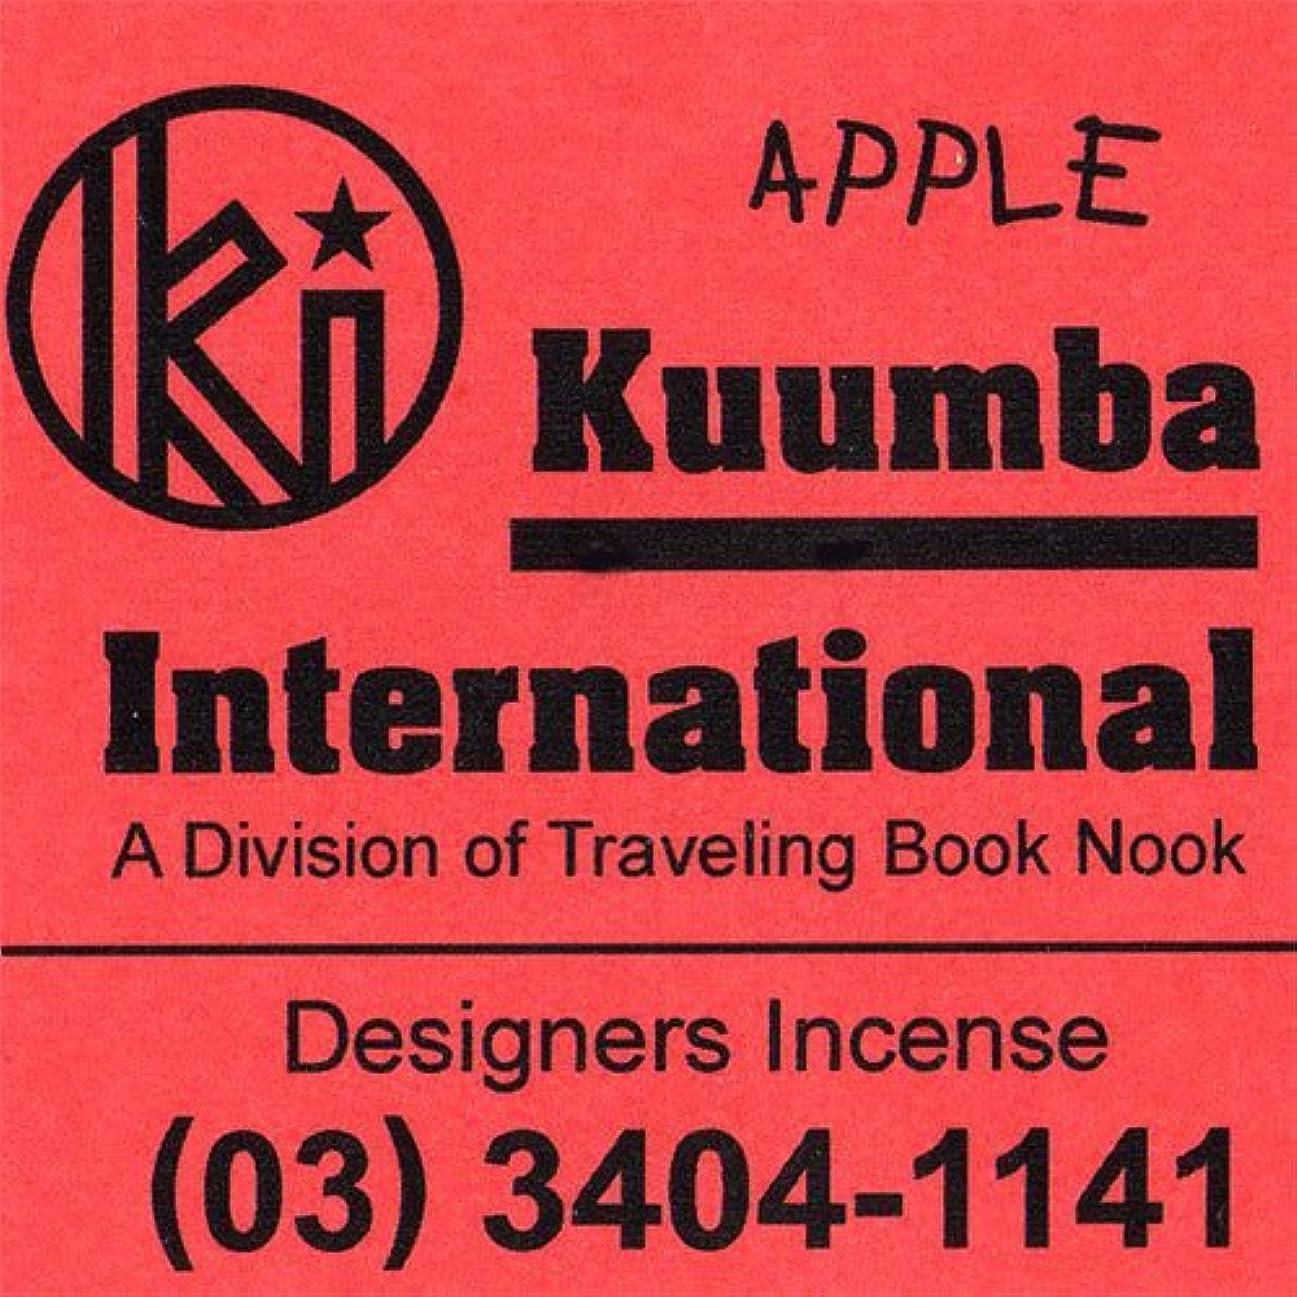 また明日ね信念自転車KUUMBA / クンバ『incense』(APPLE) (Regular size)